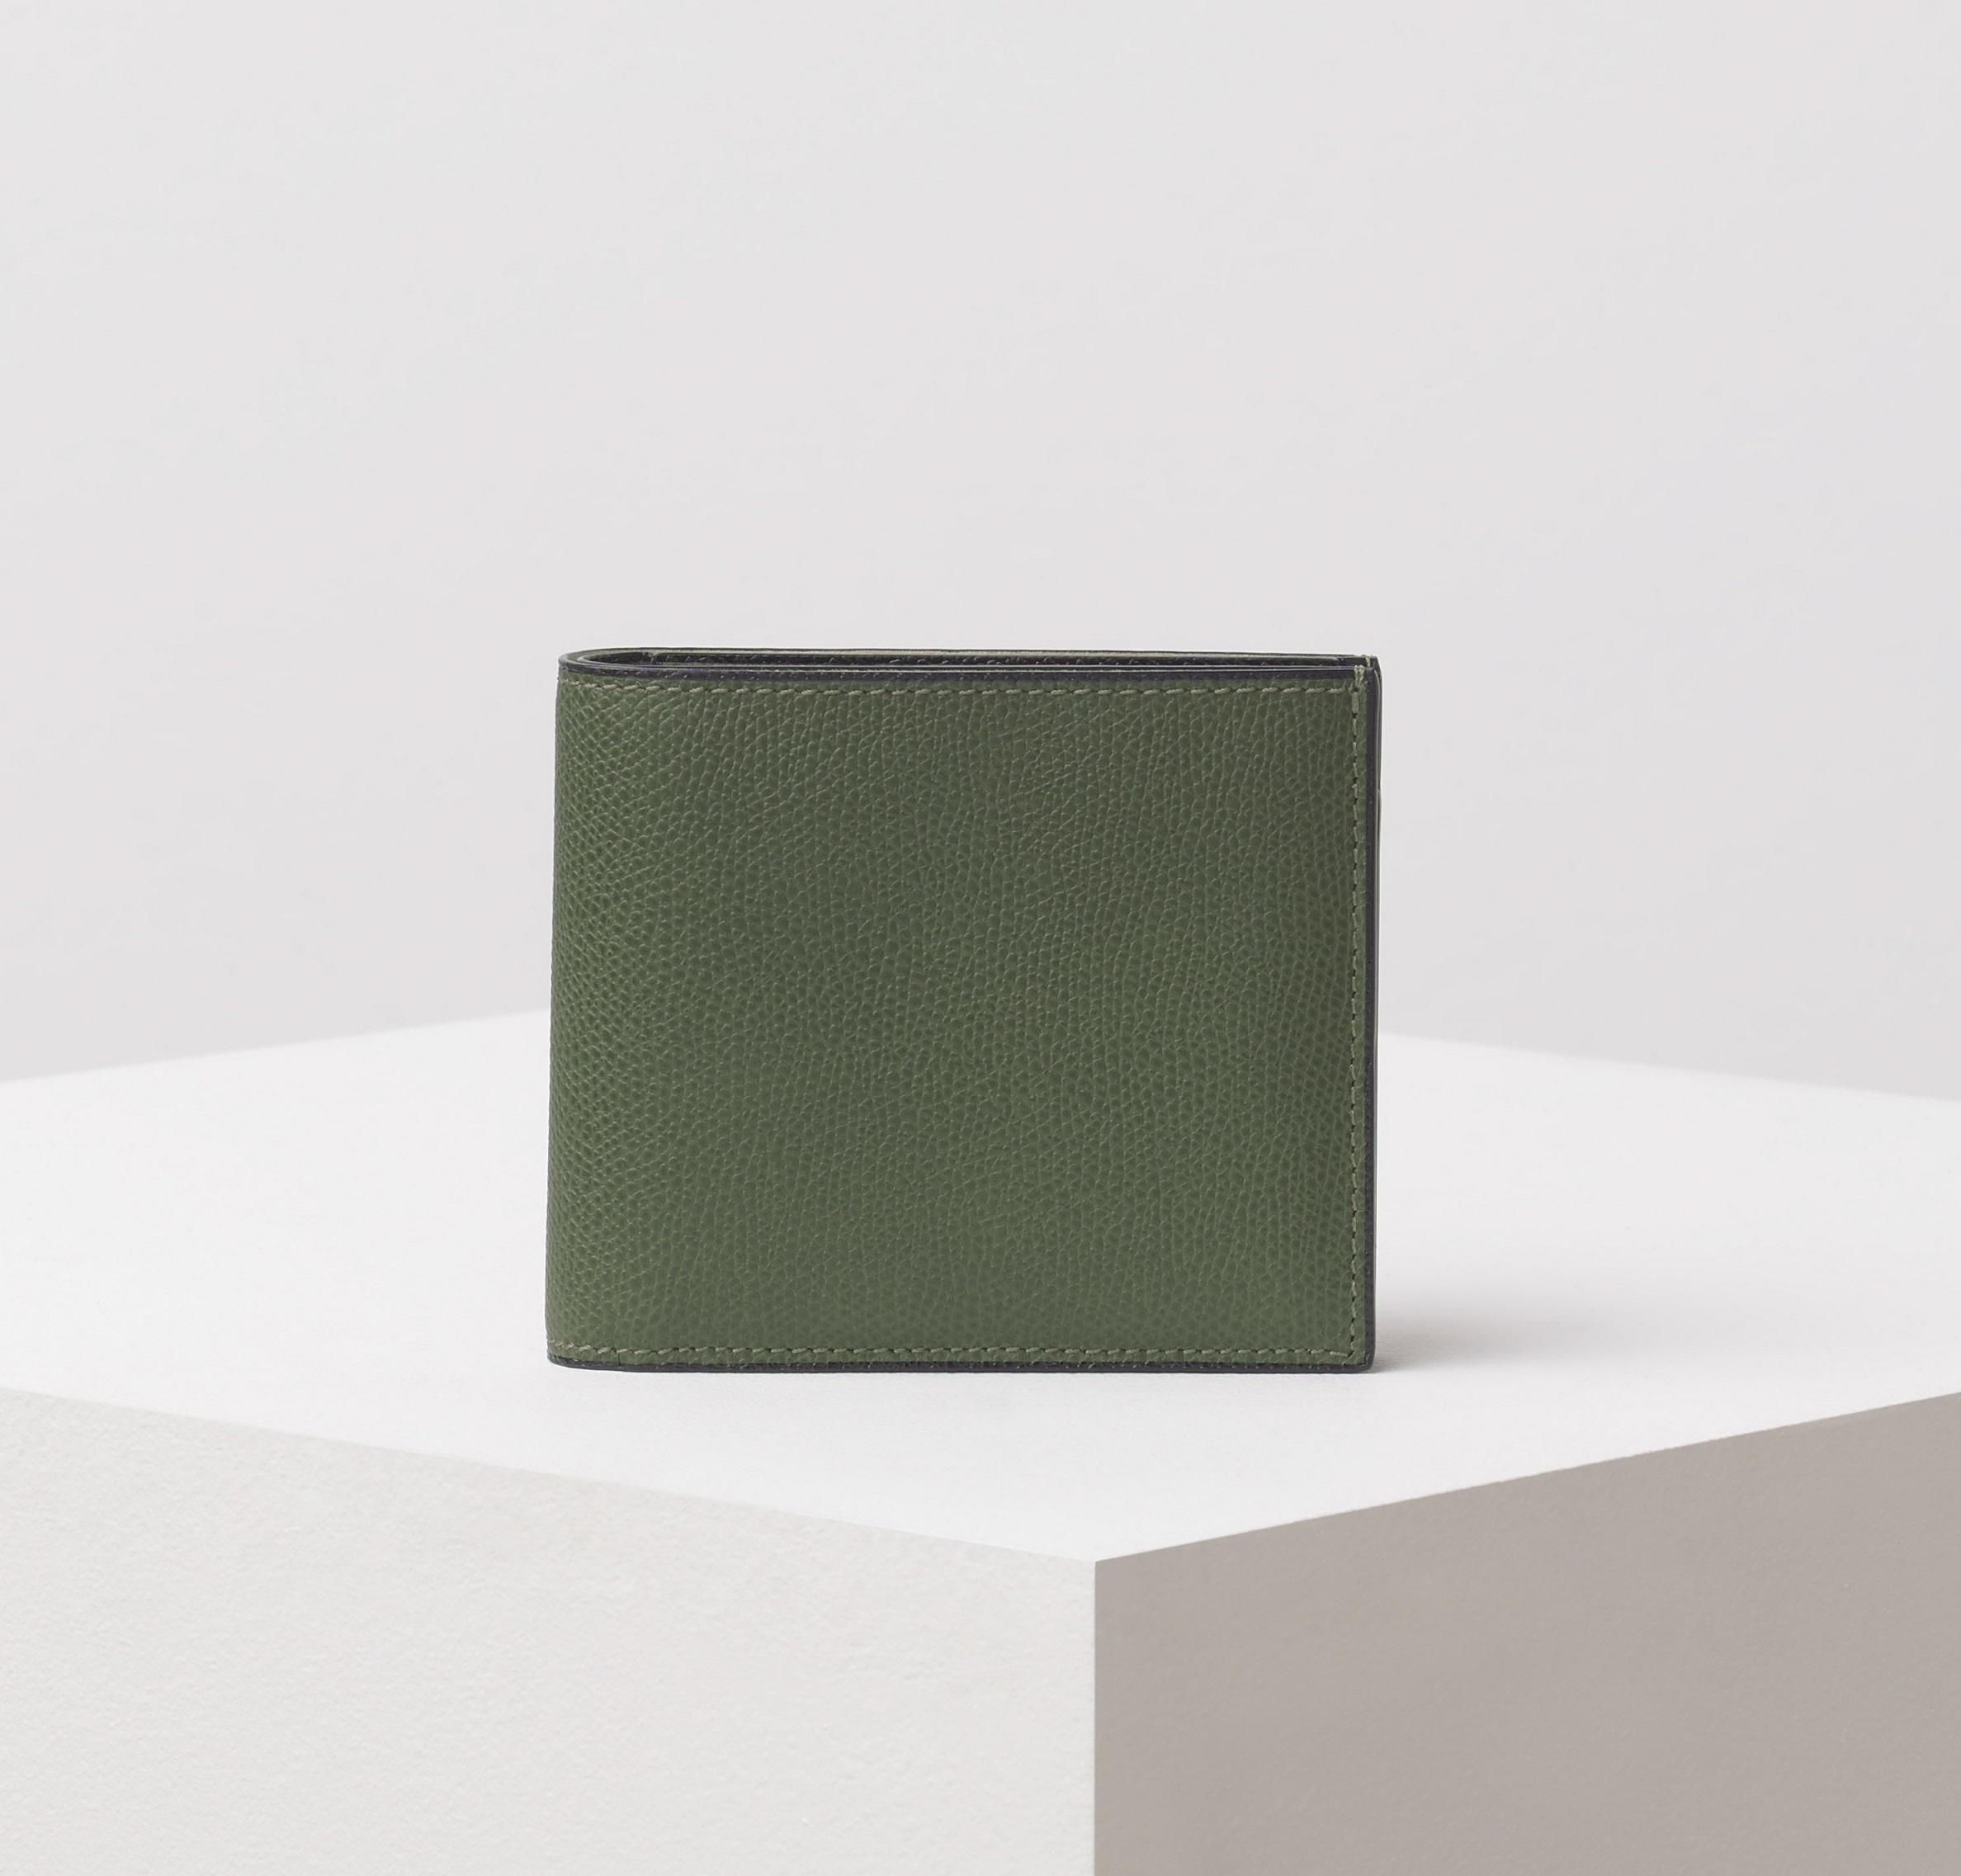 Valextra(ヴァレクストラ) メンズ財布